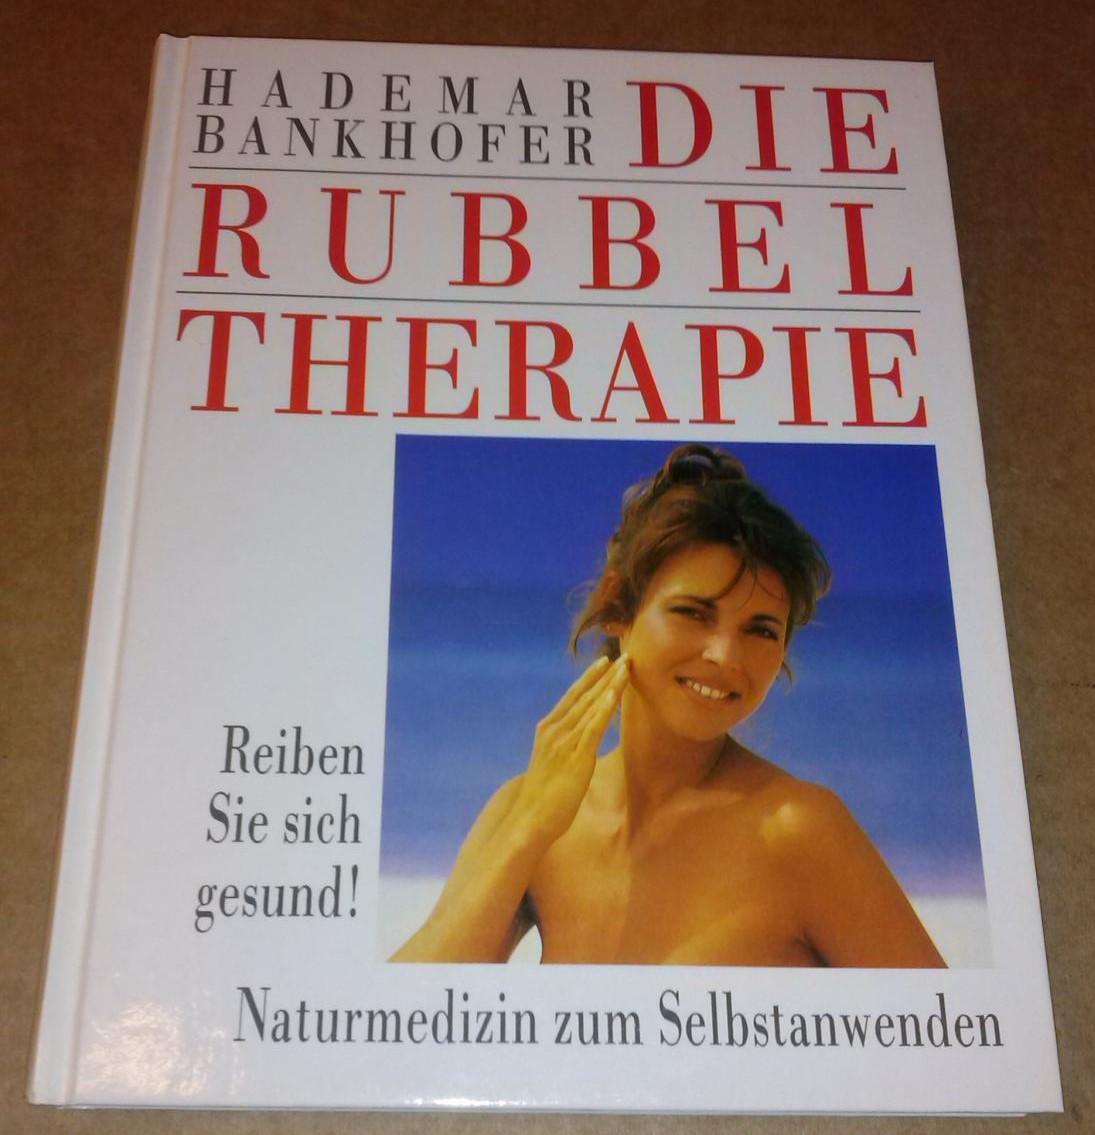 Die Rubbeltherapie [Rubbel-Therapie]. Reiben Sie sich gesund! Naturmedizin zum Selbstanwenden 0